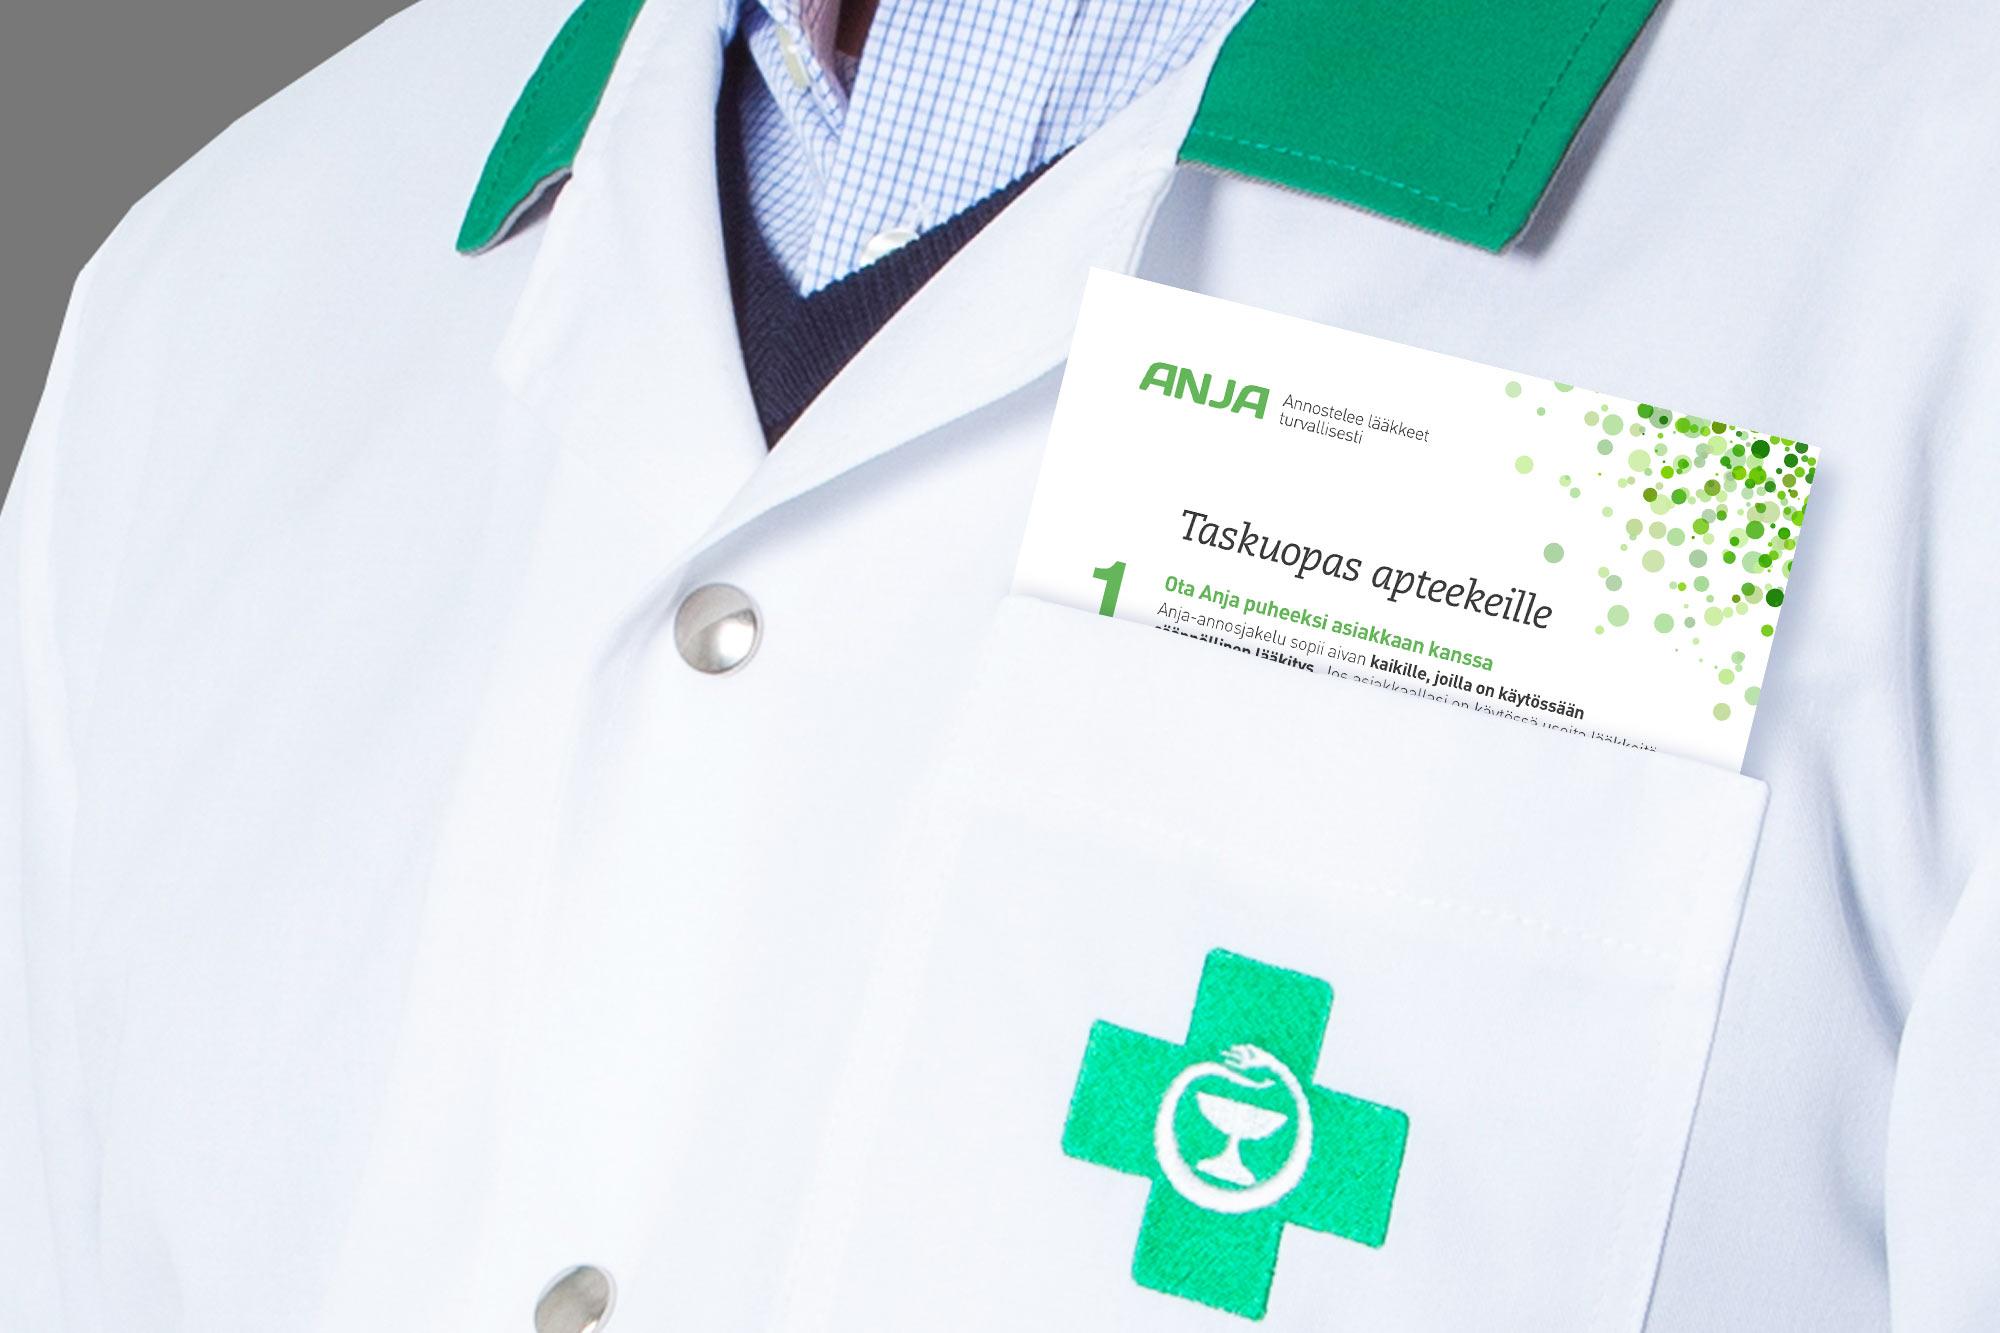 Näin saat asiakkaallesi lääkitysturvallisuutta lisäävän Anja-annosjakelupalvelun